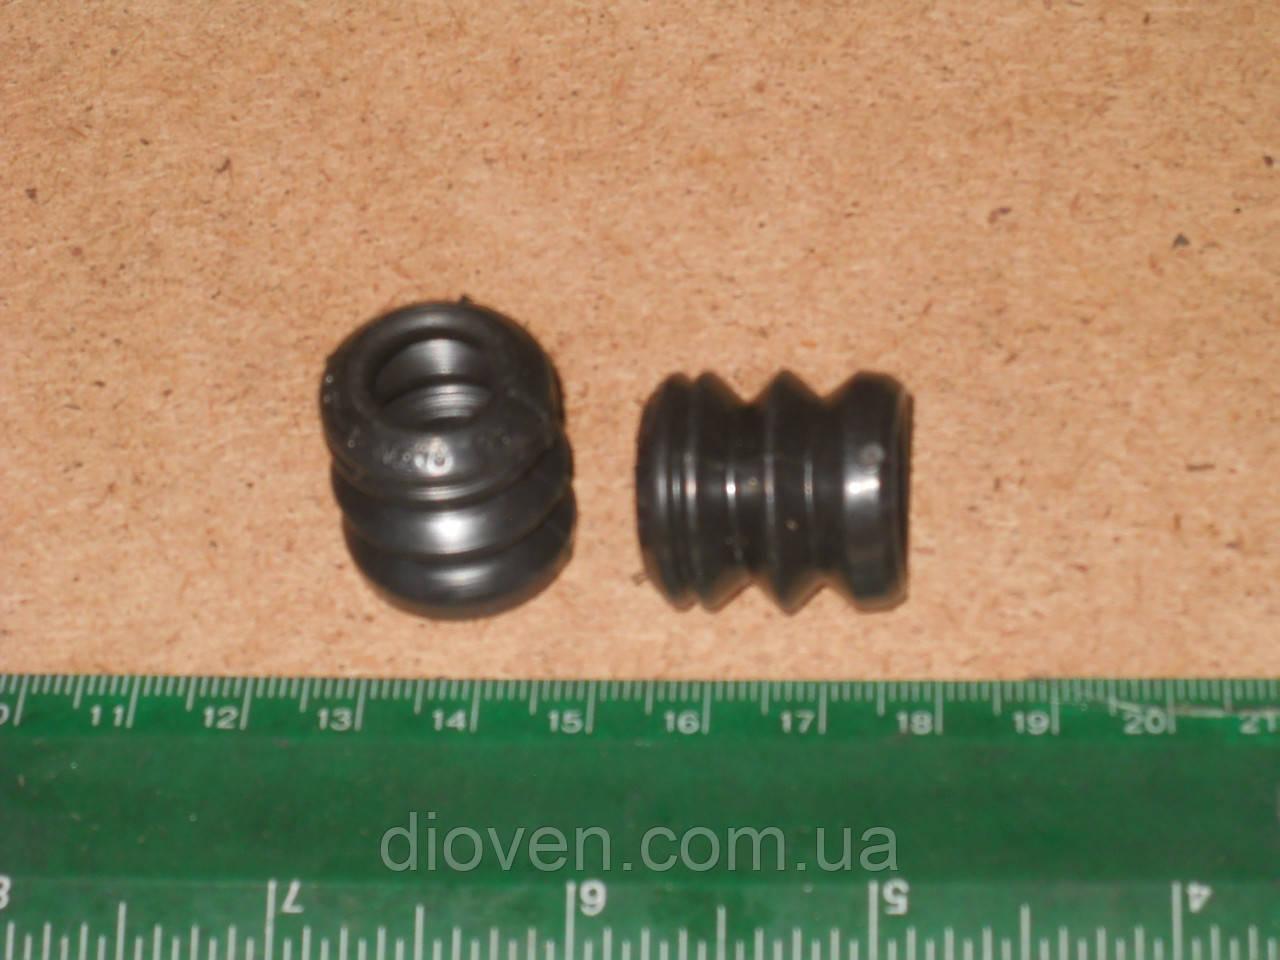 Чехол пальца ГАЗ 3110, 3302 (дисковые тормоза) (пр-во ЯРТИ) (Арт. 3105-3501216)